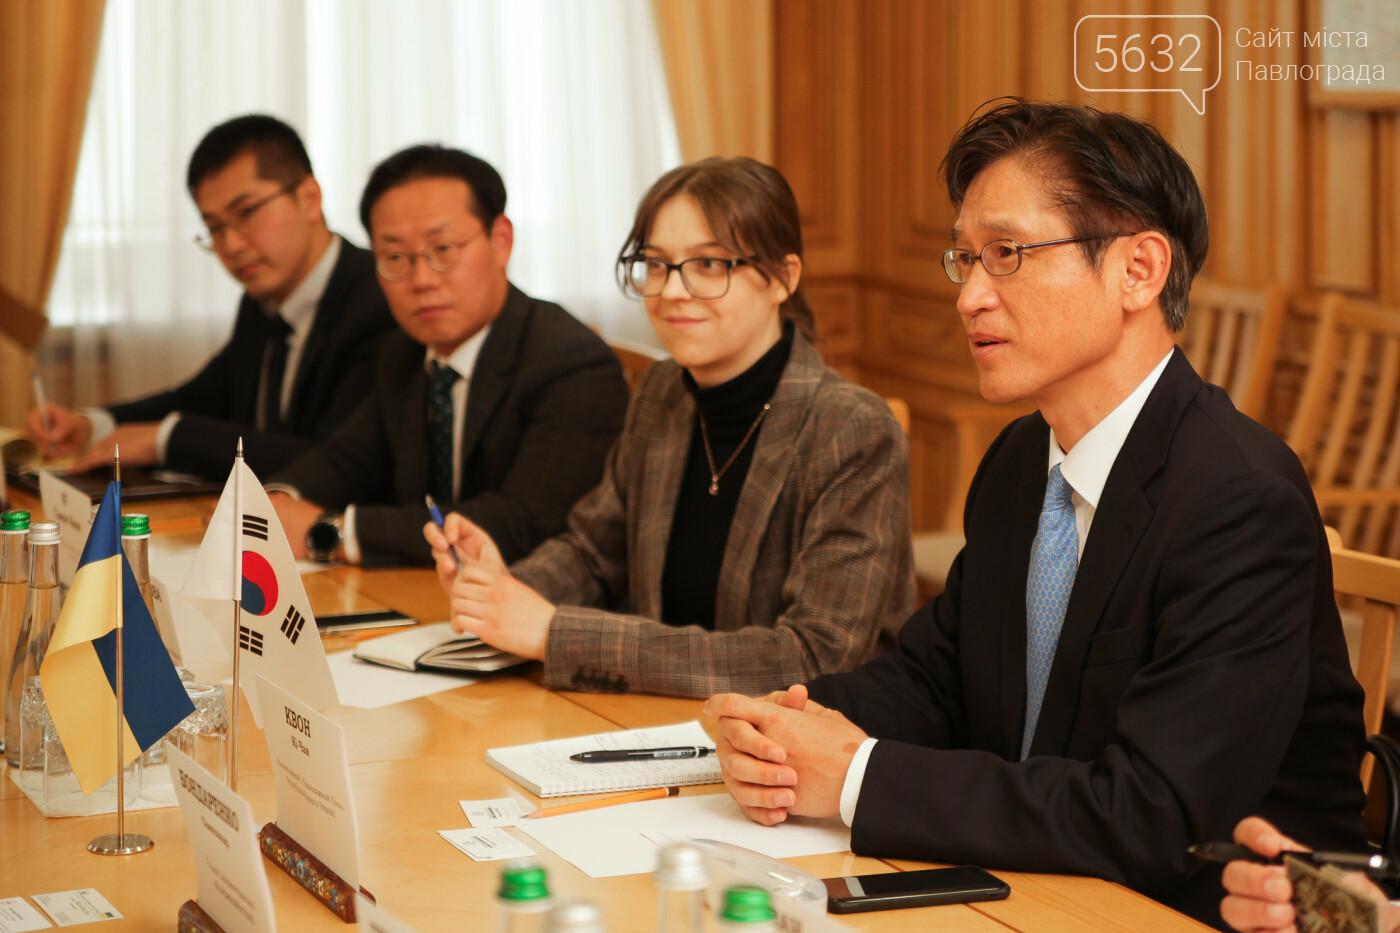 Корейські фахівці допомагатимуть Дніпропетровщині розвиватися у сфері новітніх технологій, фото-2